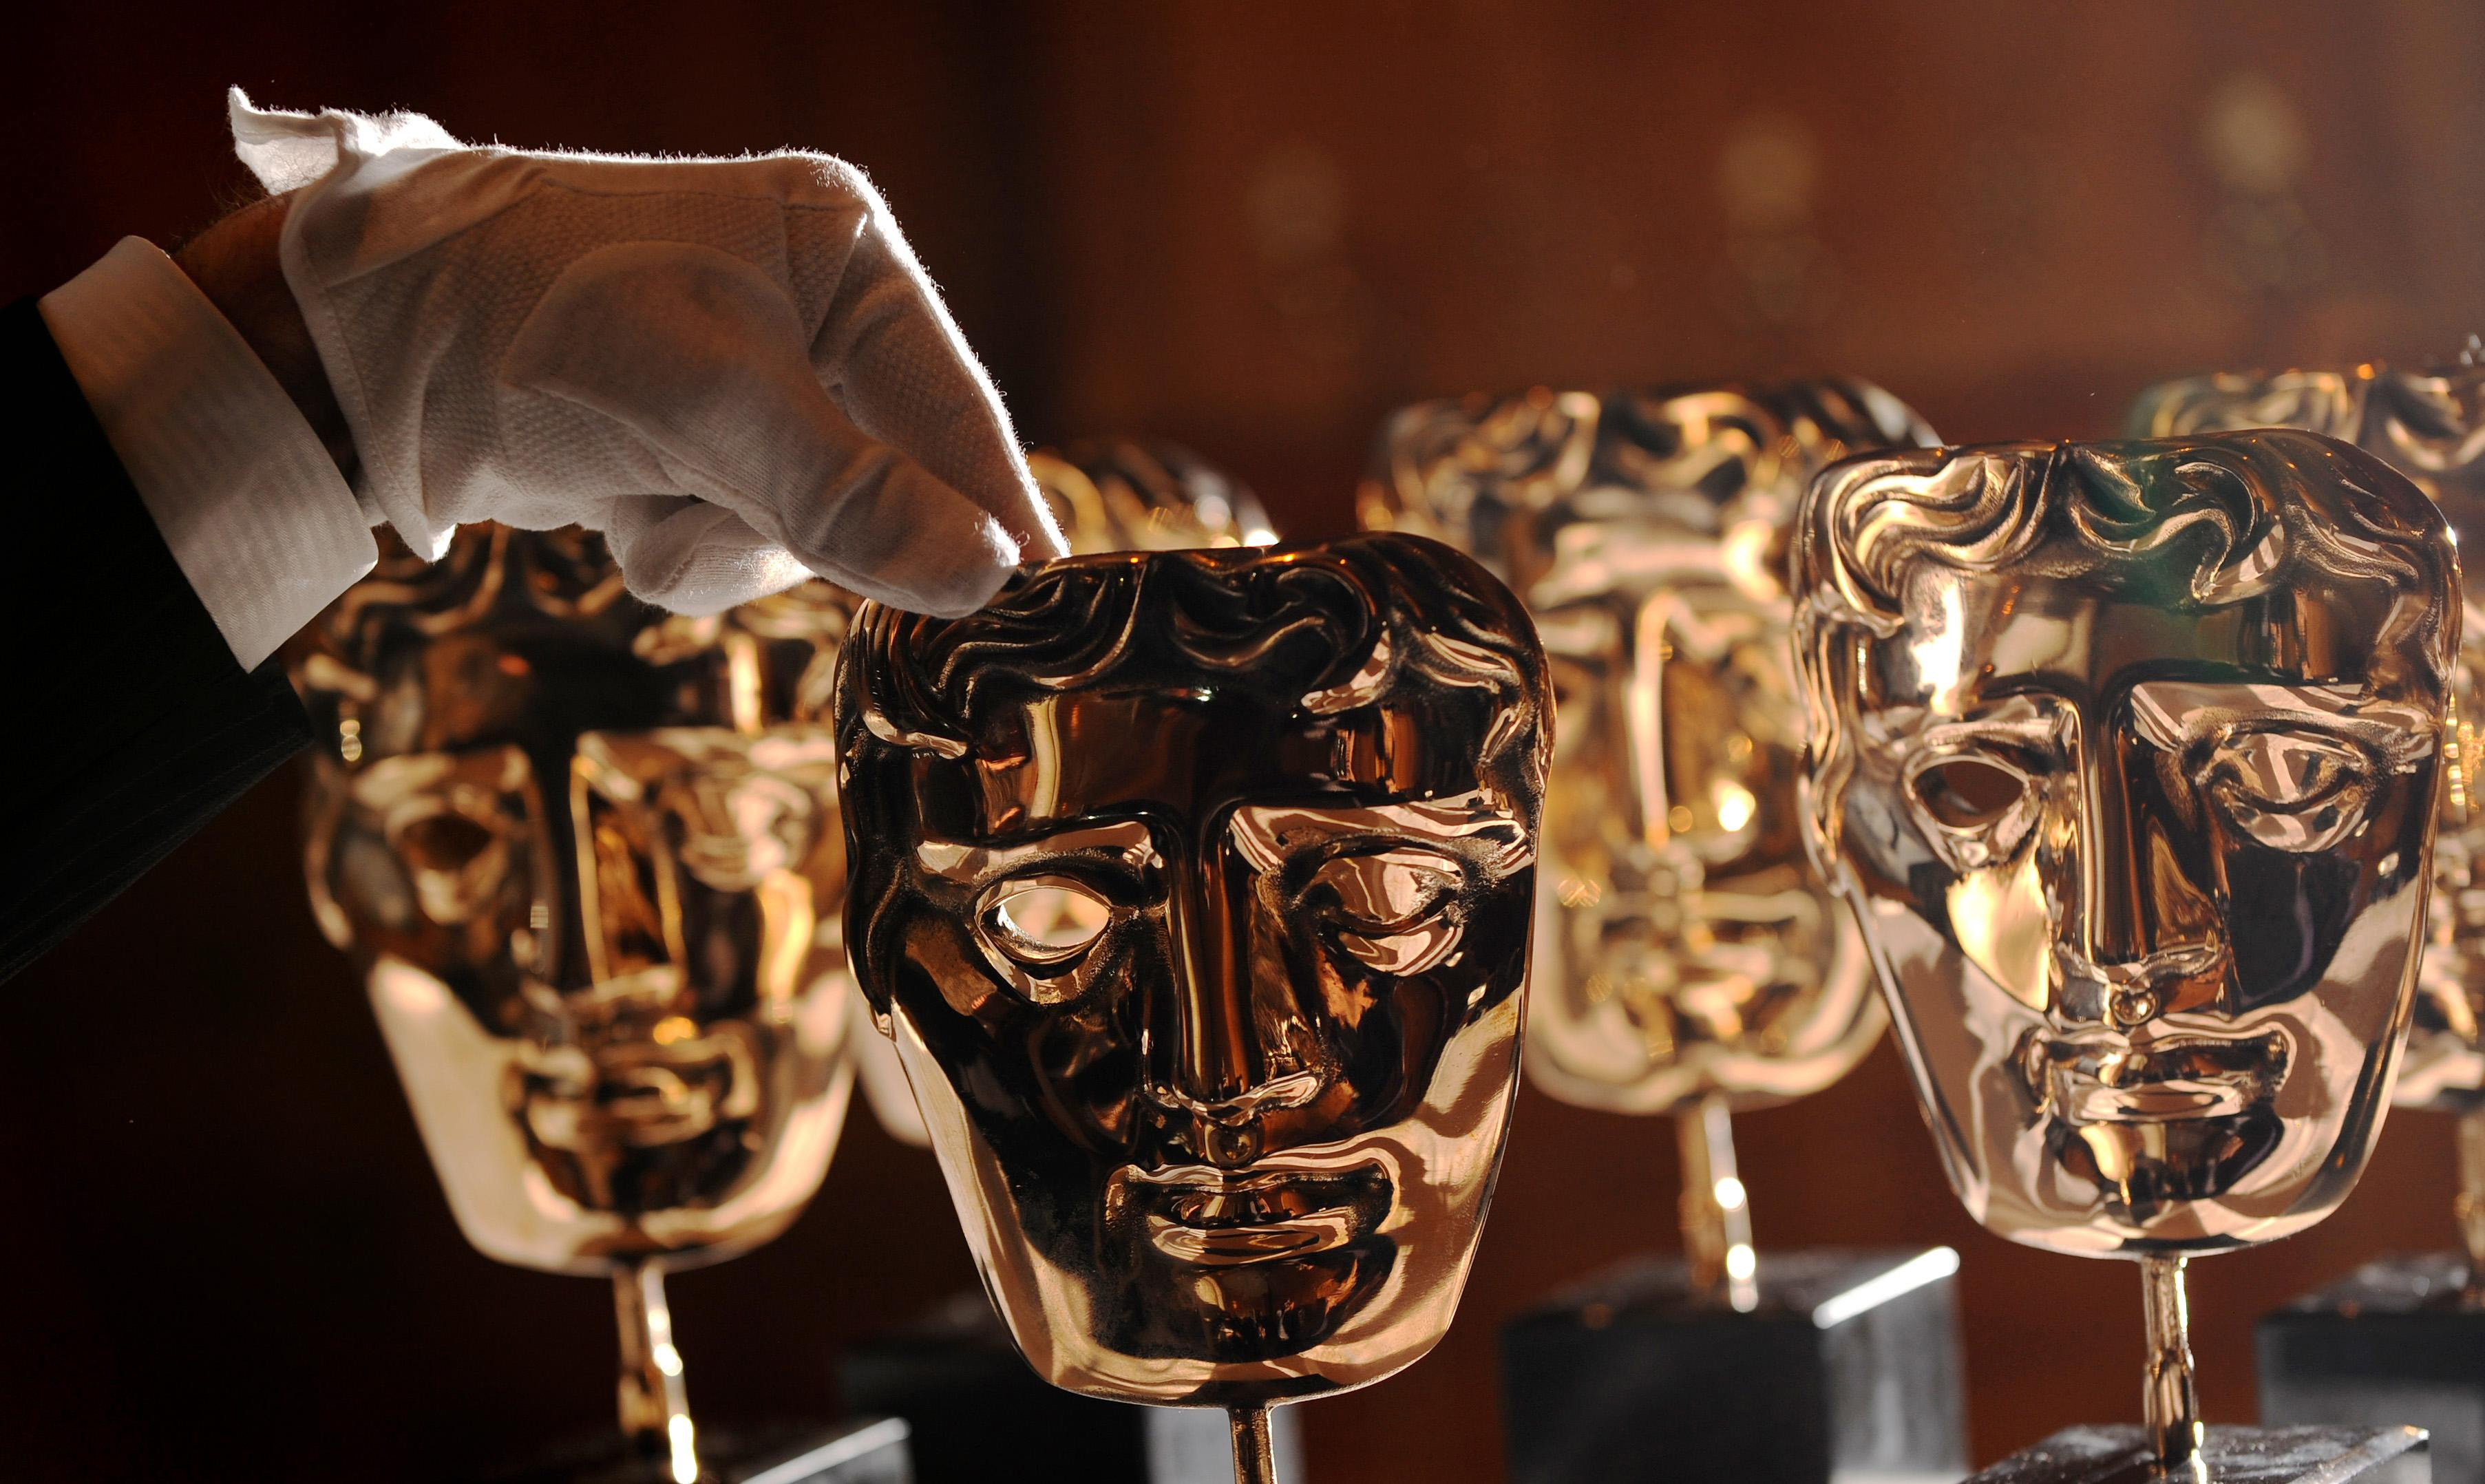 BAFTA award masks